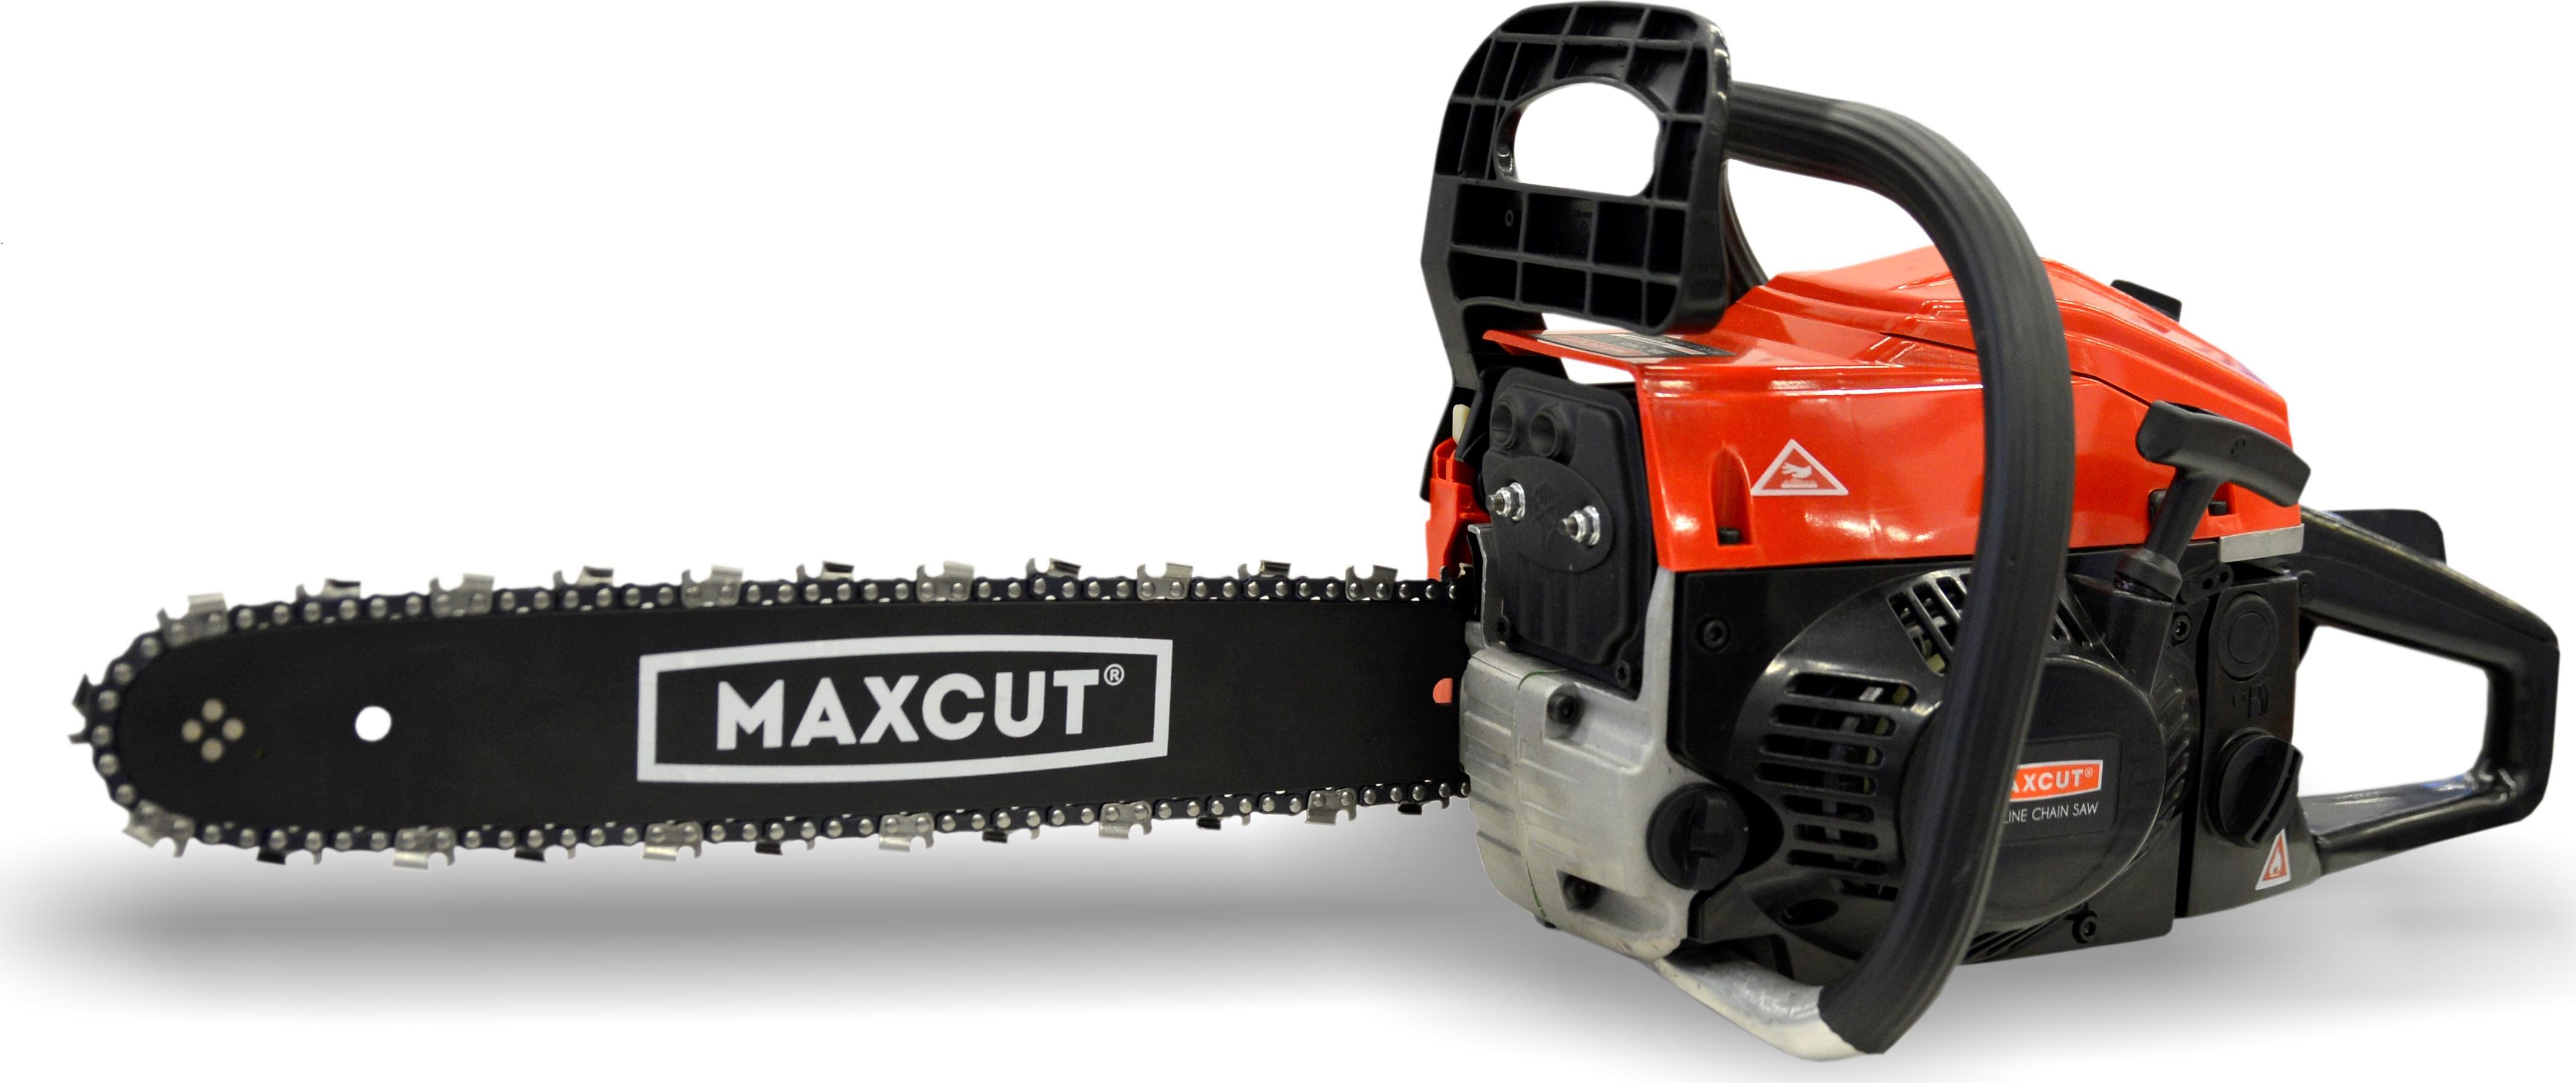 Бензопила maxcut mc146 (черный) (22100146) купить от 3682 руб в перми, сравнить цены, отзывы, видео обзоры и характеристики